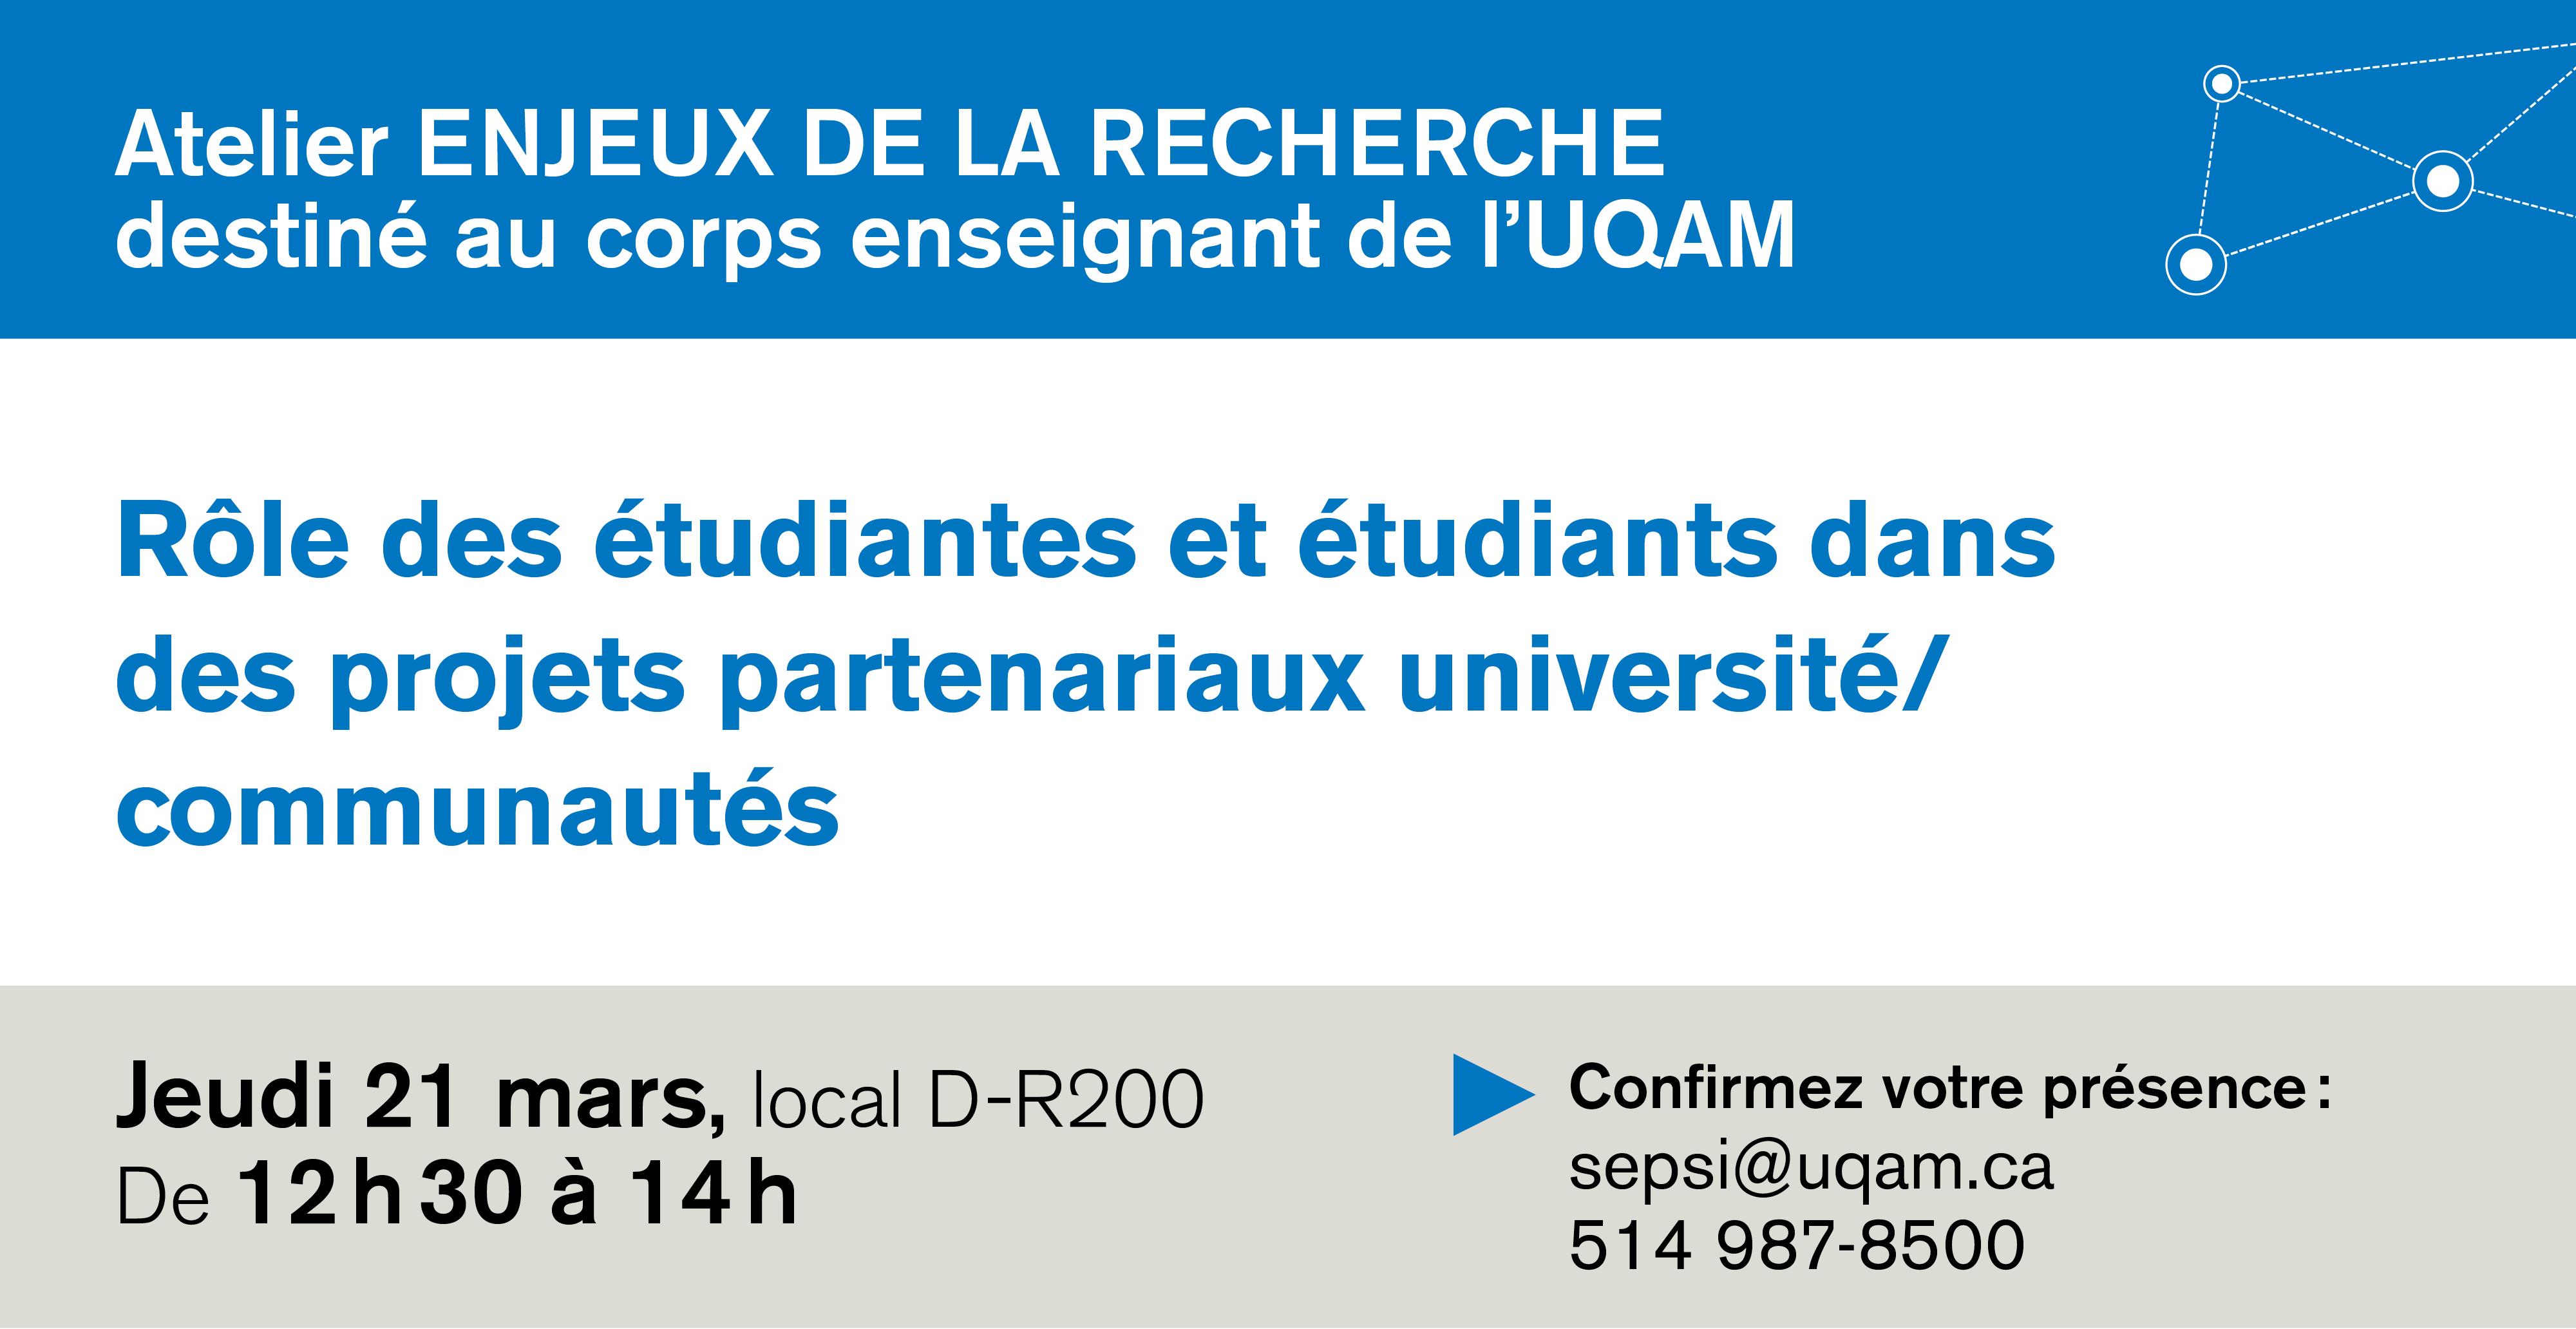 Atelier: Rôle des étudiantes et étudiants dans des projets partenariaux université/communautés